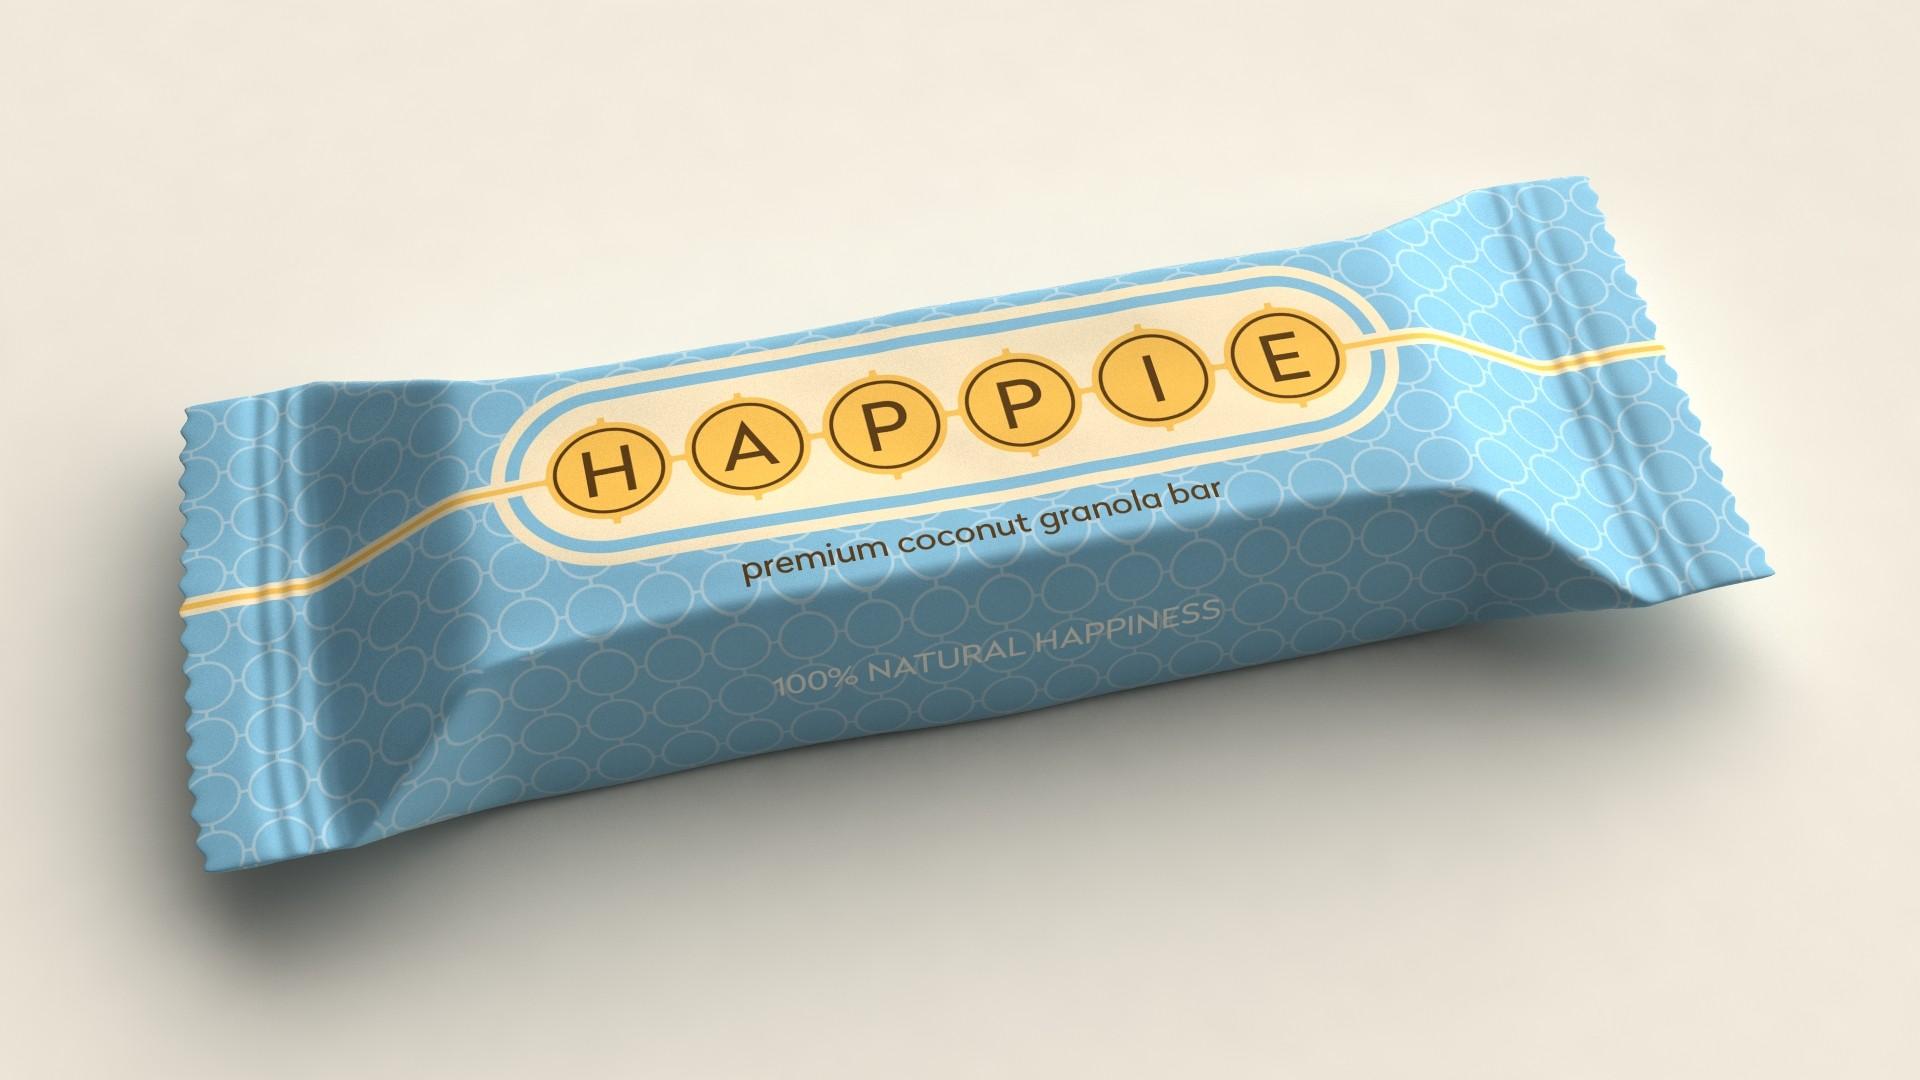 HAPPIE coconut granola bar ds. 12 st. van 50gr.